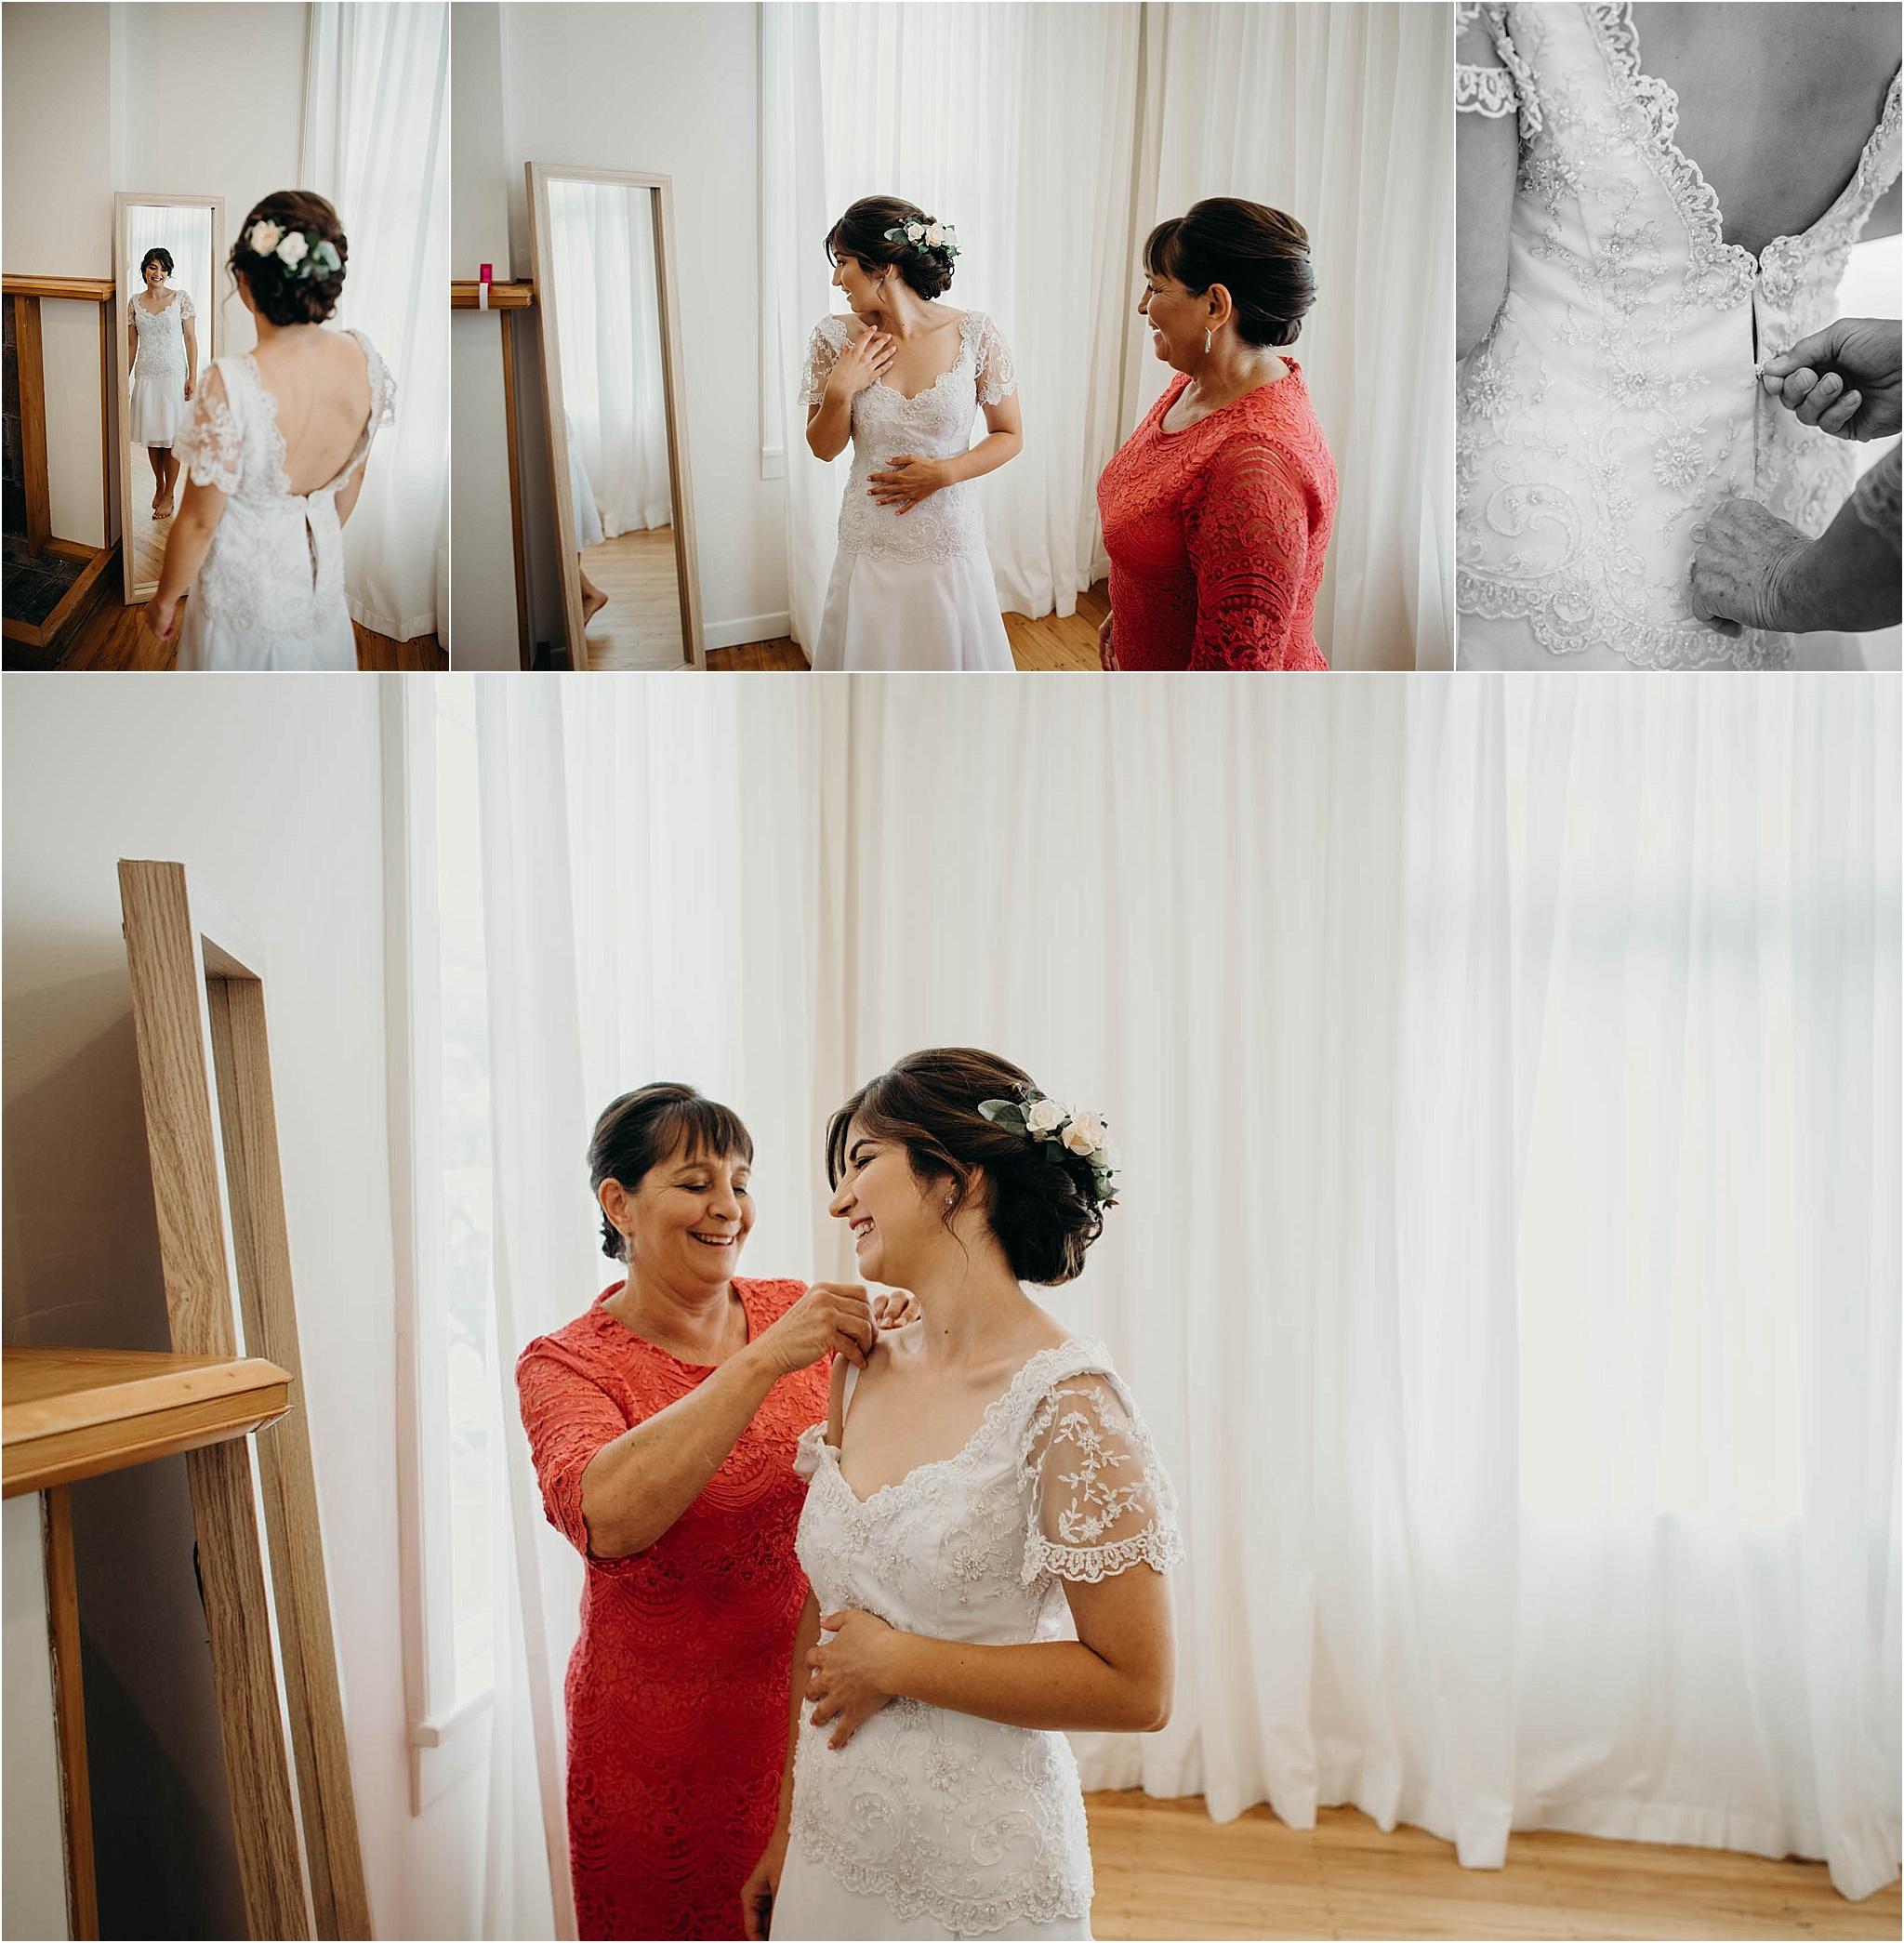 Auckland-Wedding-Photographer-Vanessa-Julian-Officers-Mess-Married_0003.jpg